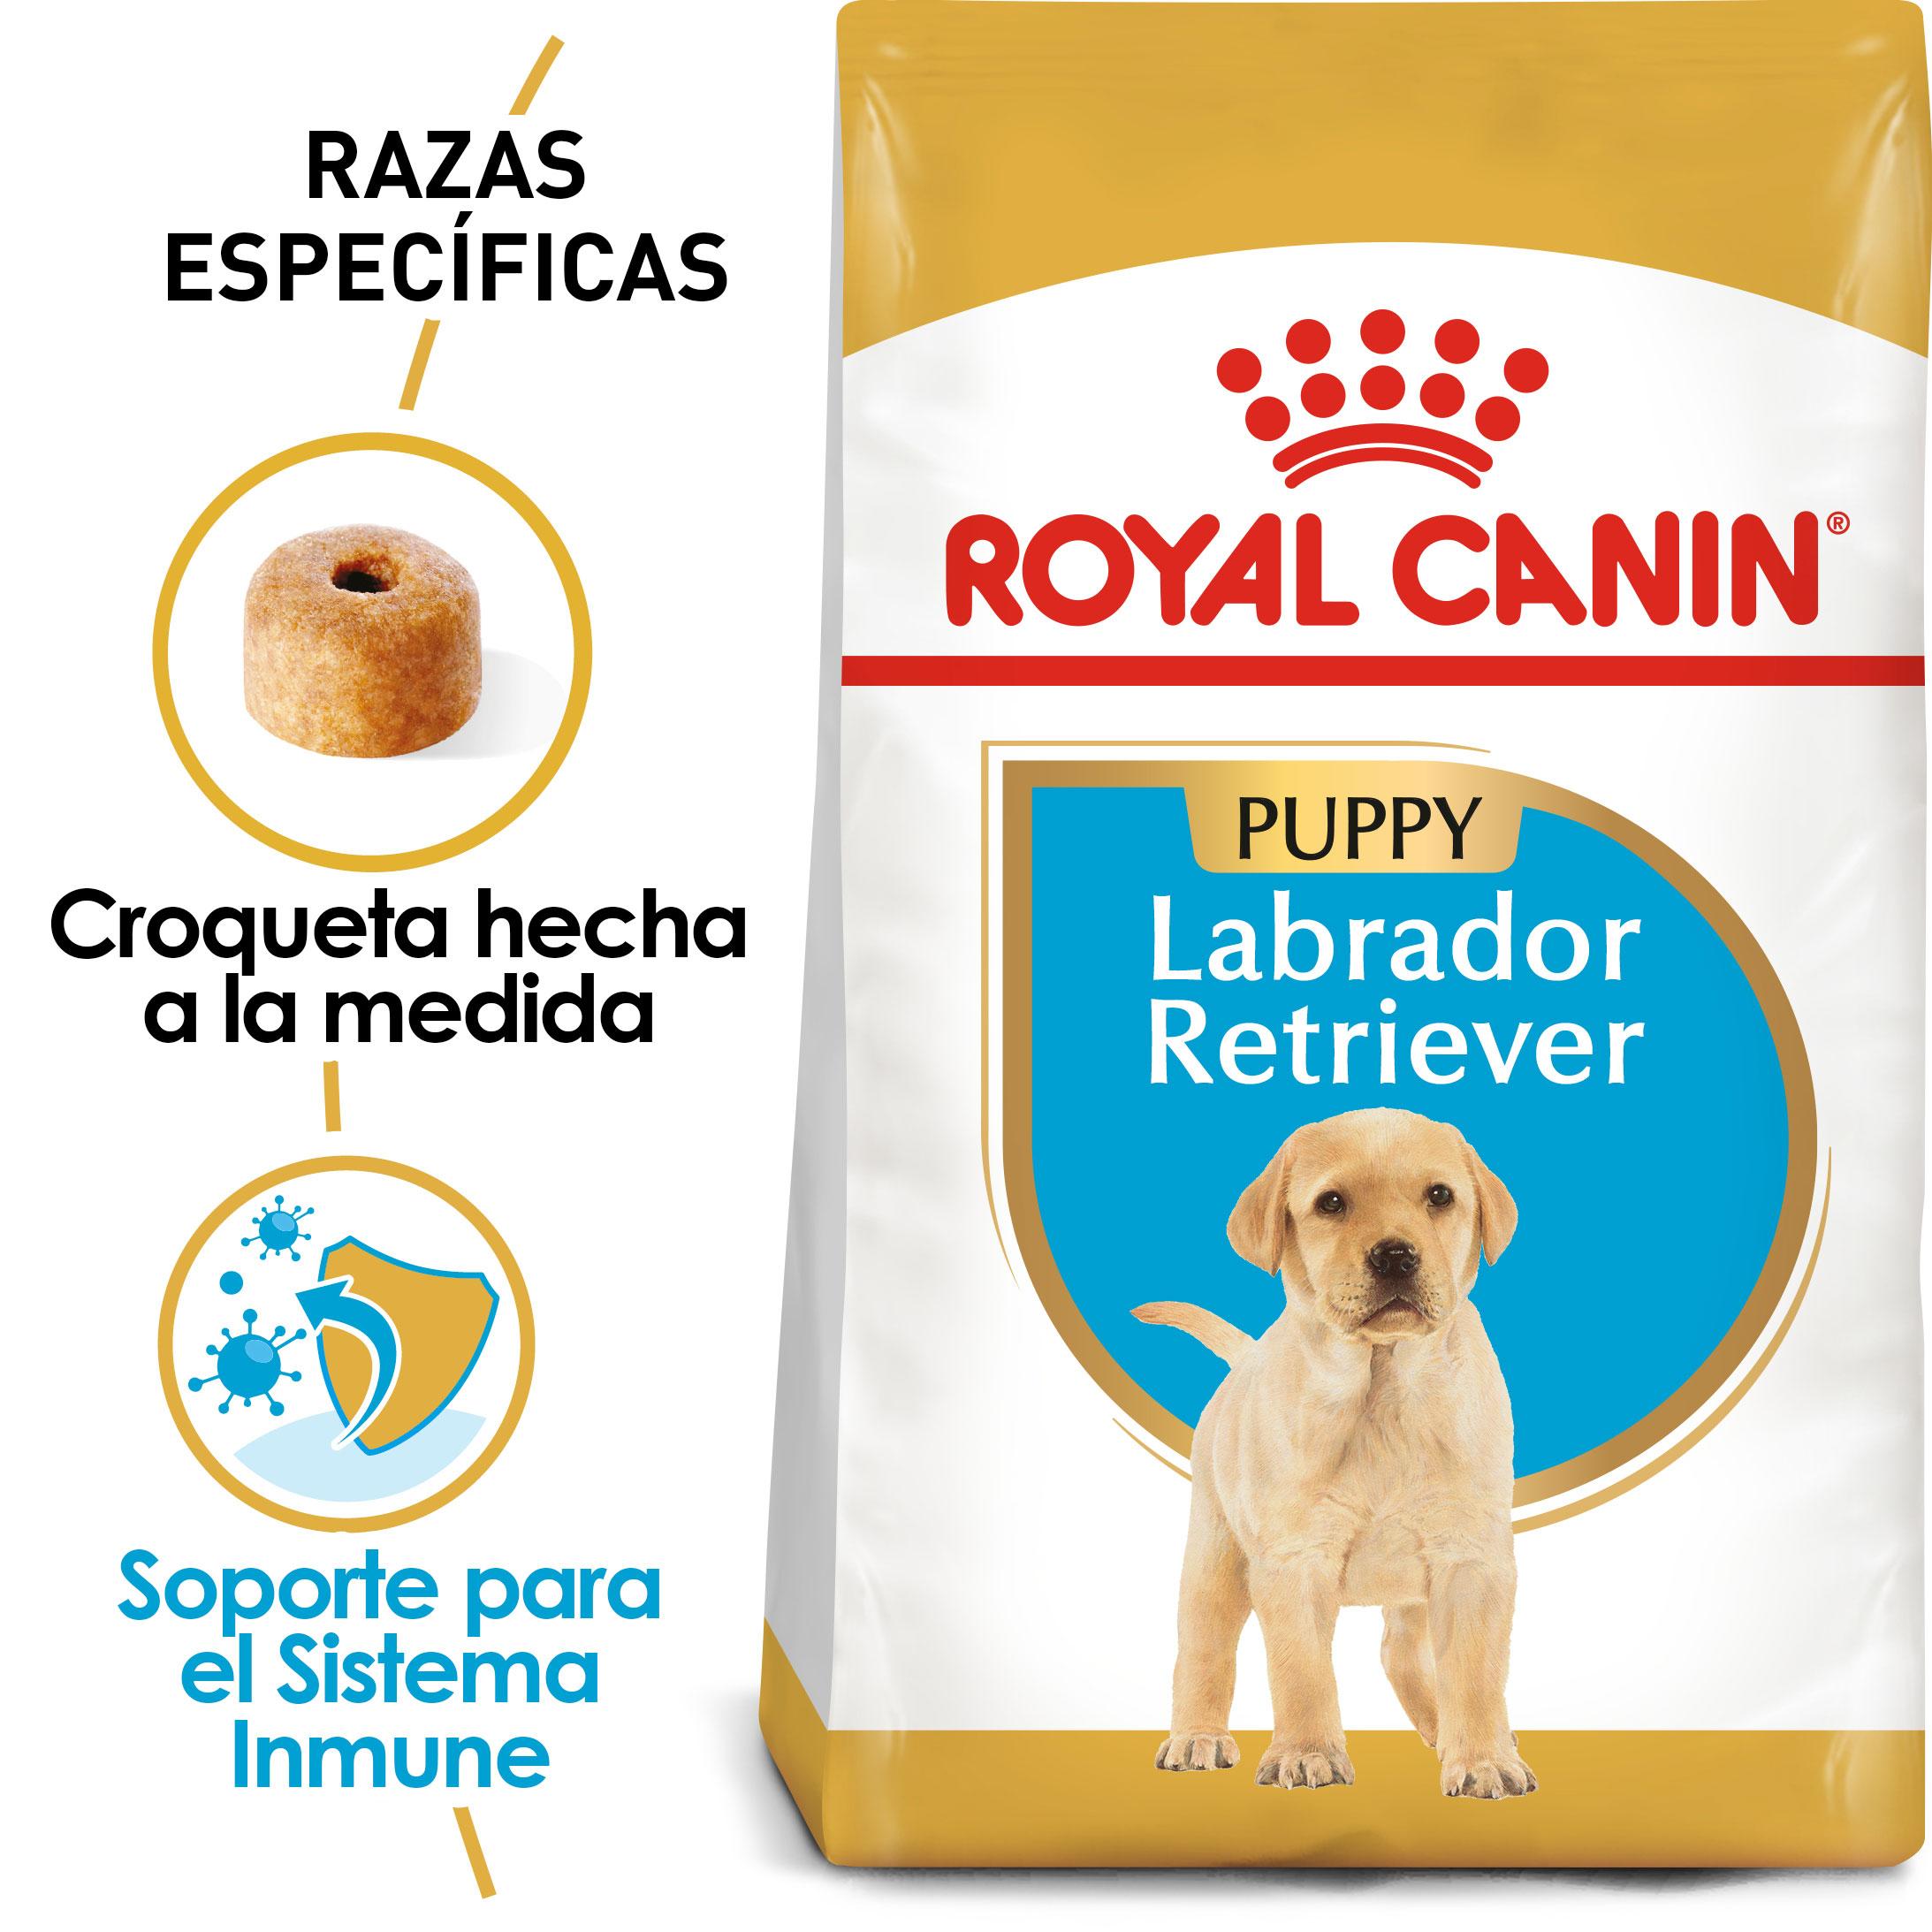 Labrador_Retriever_Puppy_Hero_NEW